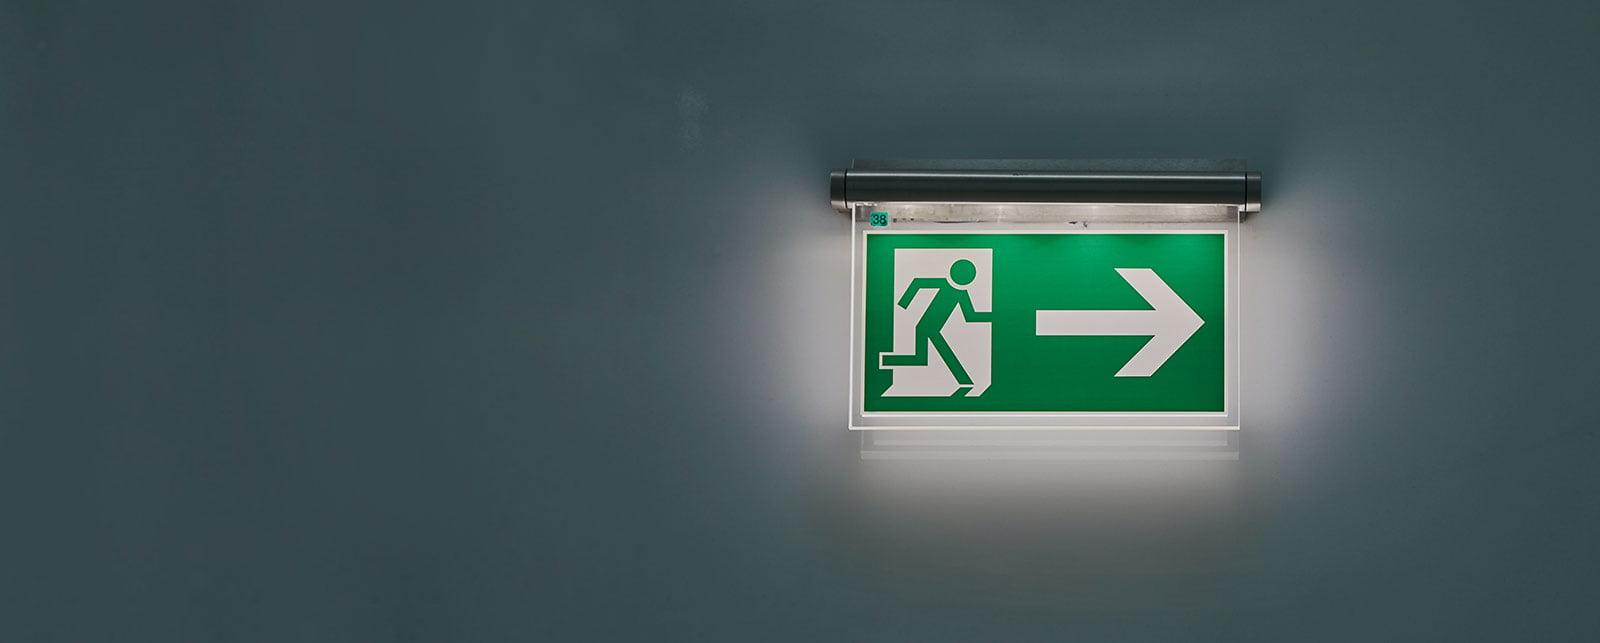 fire alarm exit sign slider image